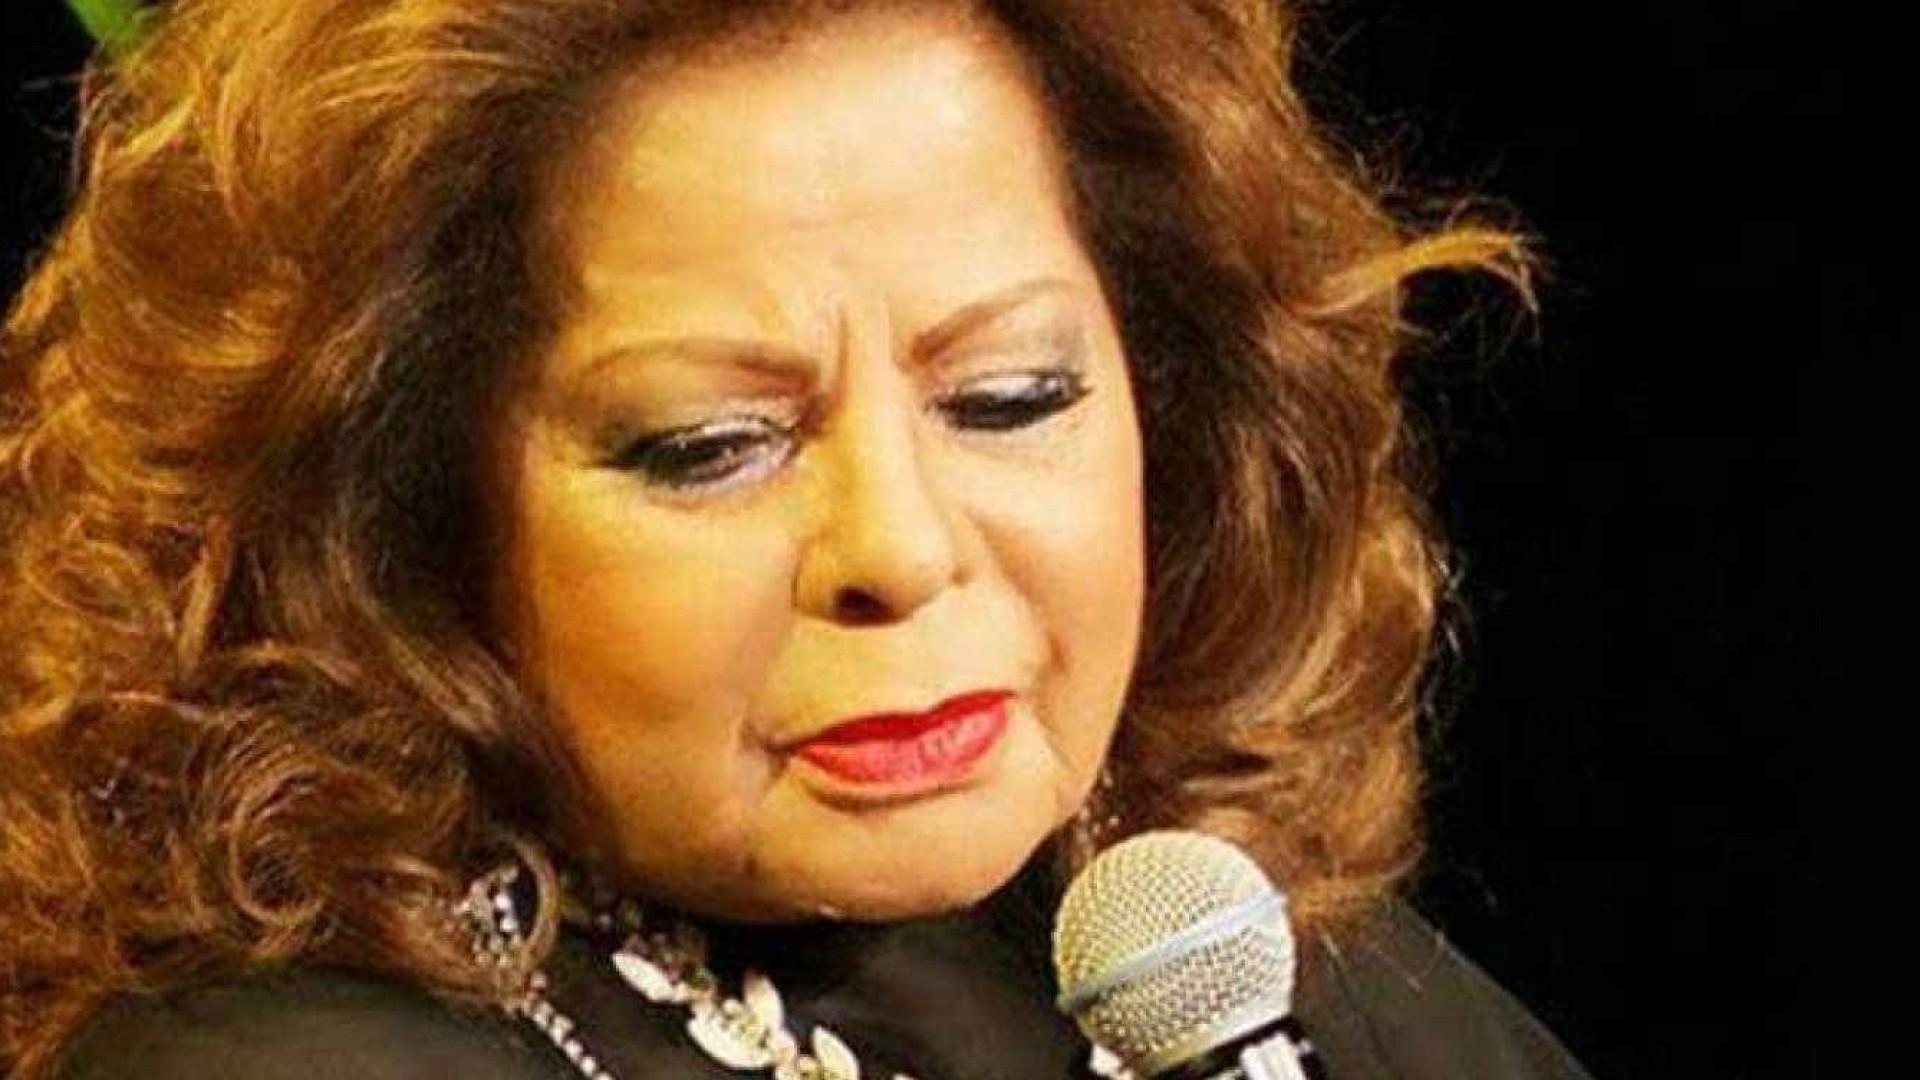 Famosas lamentam morte de Angela Maria, Rainha do Rádio